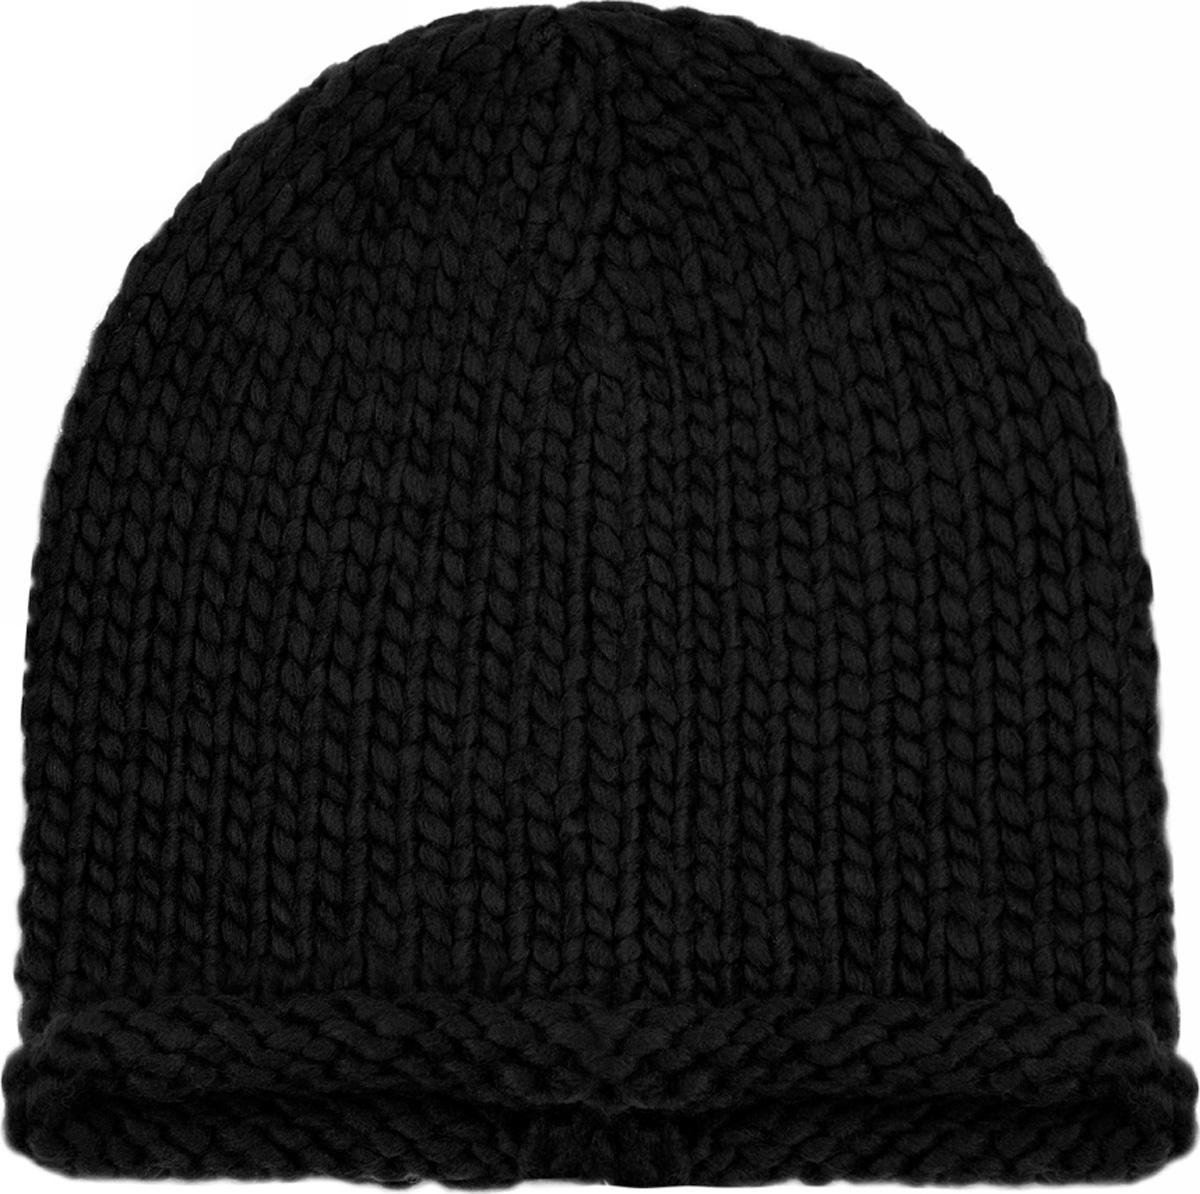 Шапка женская oodji, цвет: черный. 47602071/47284/2900N. Размер XS/L (55/58)47602071/47284/2900NЖенская вязаная шапка от oodji выполнена из акриловой пряжи.